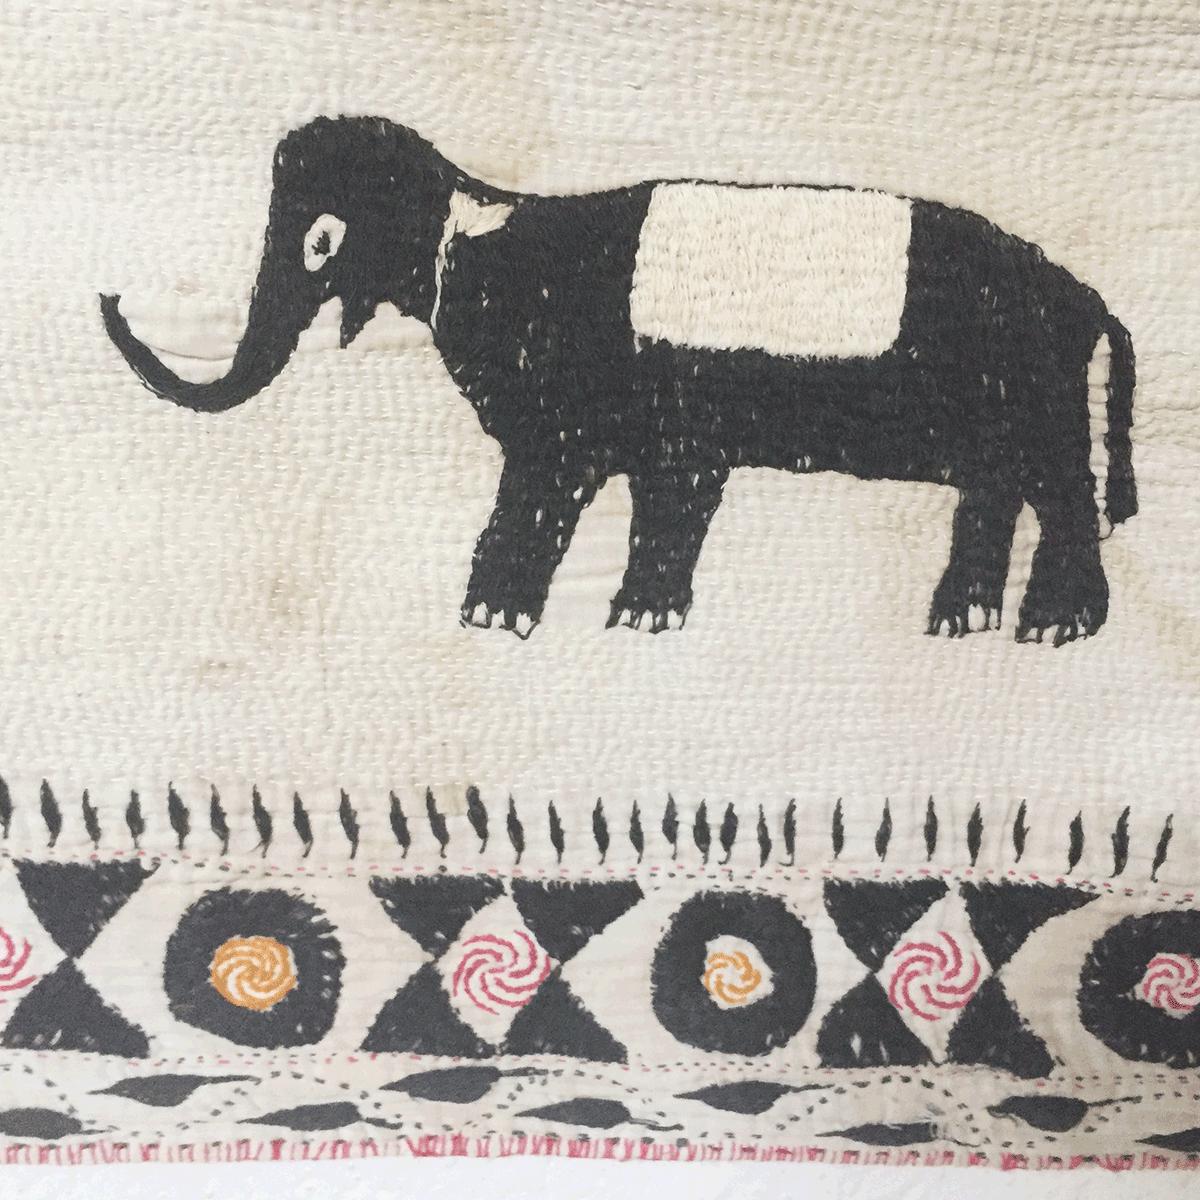 岩立フォークテキスタイルミュージアムのカンタ遠景、ヒンドゥー教徒のの像